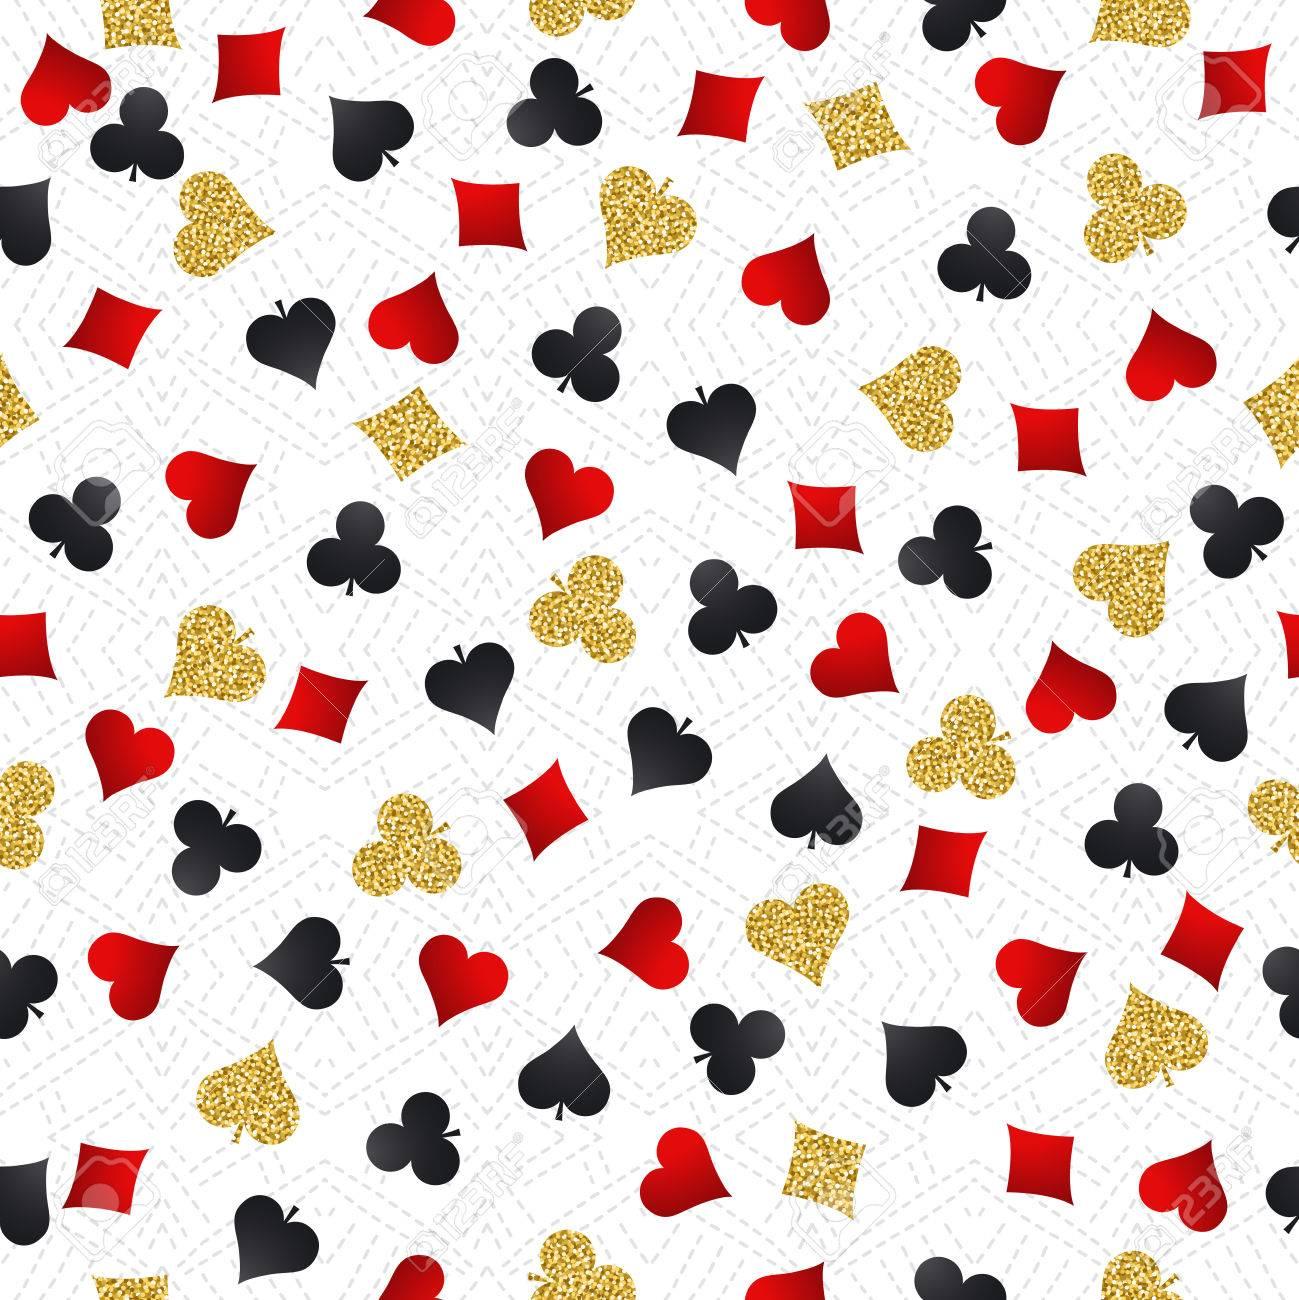 Fondo De Juego De Poker Inconsutil Del Casino Con Simbolos Rojos